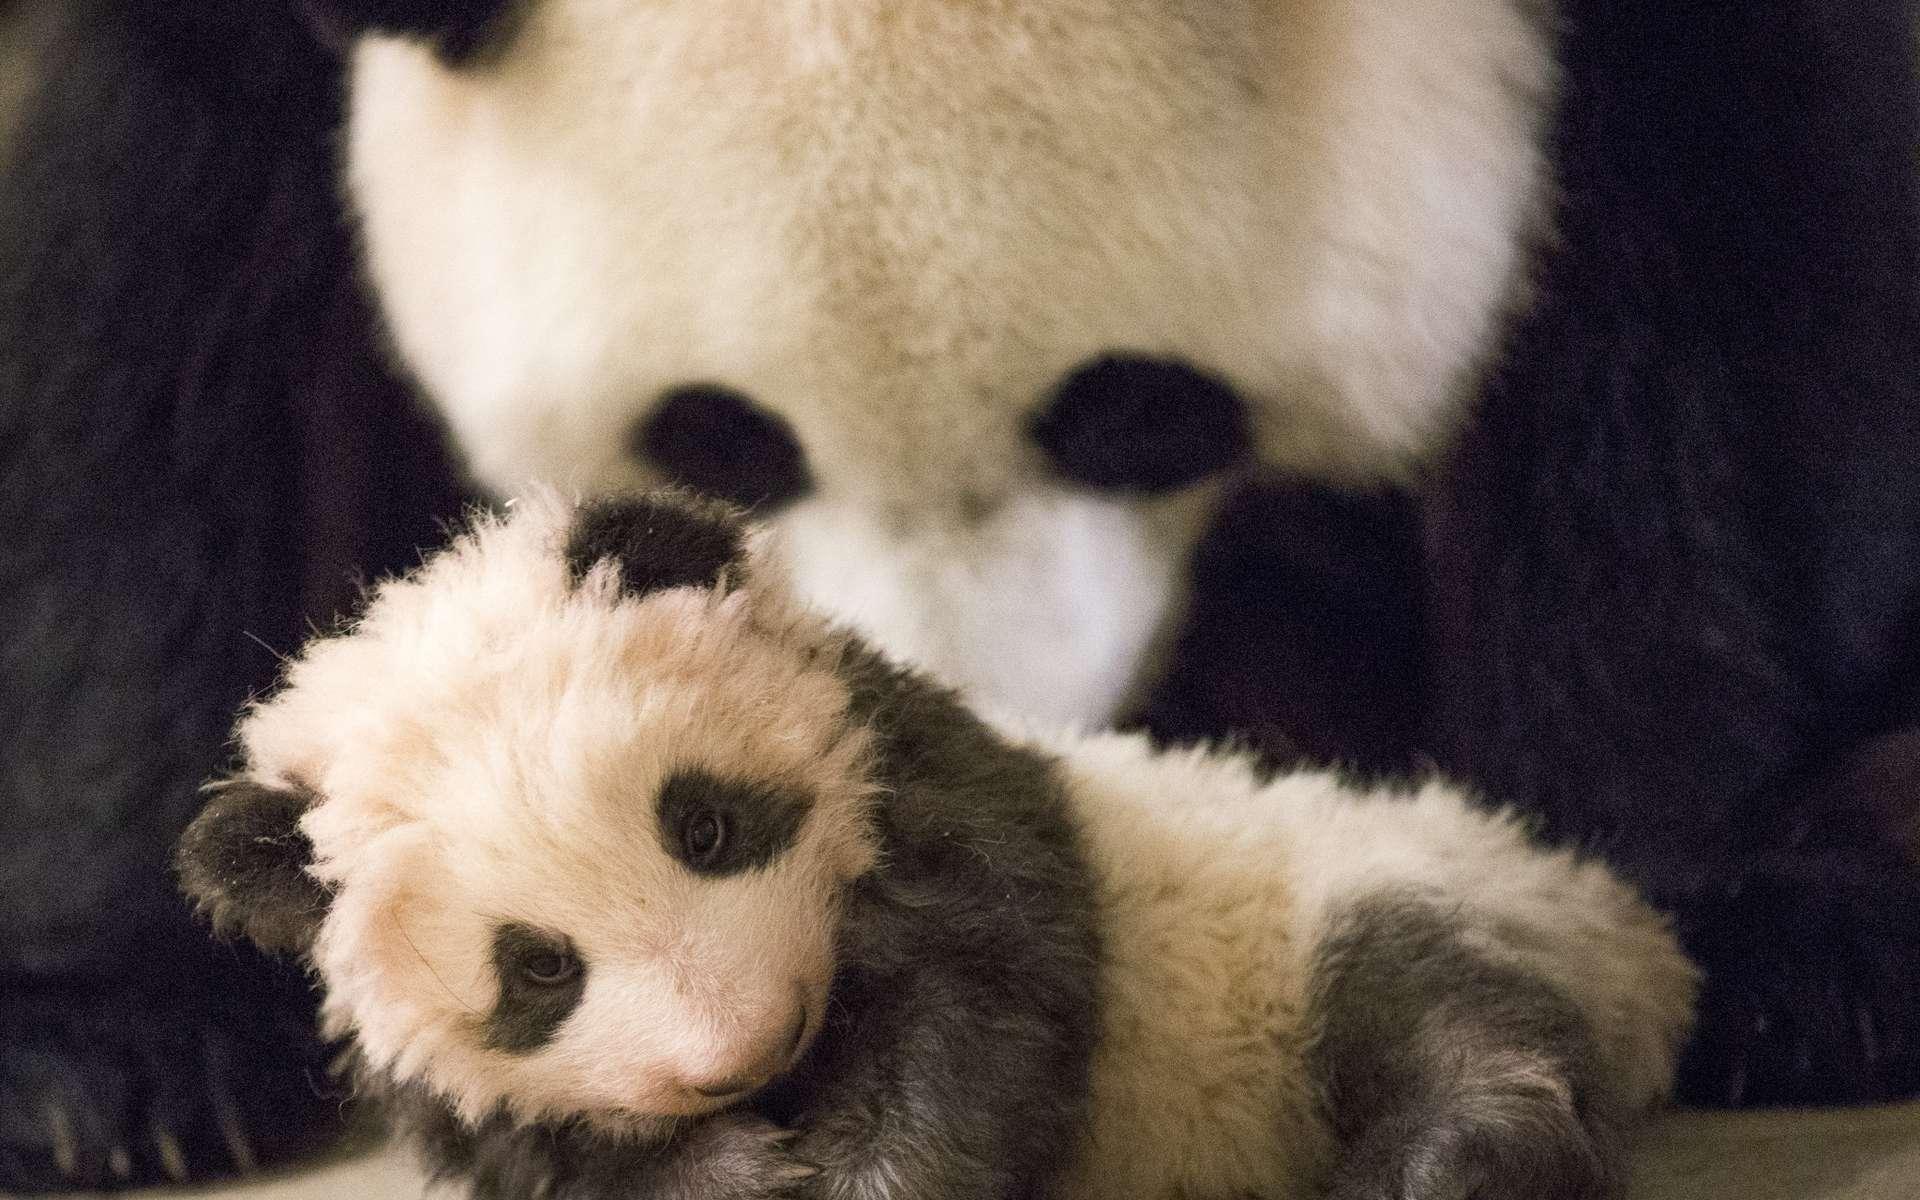 Le dernier panda en France est mort en 2000. © dangdumrong, Istock.com